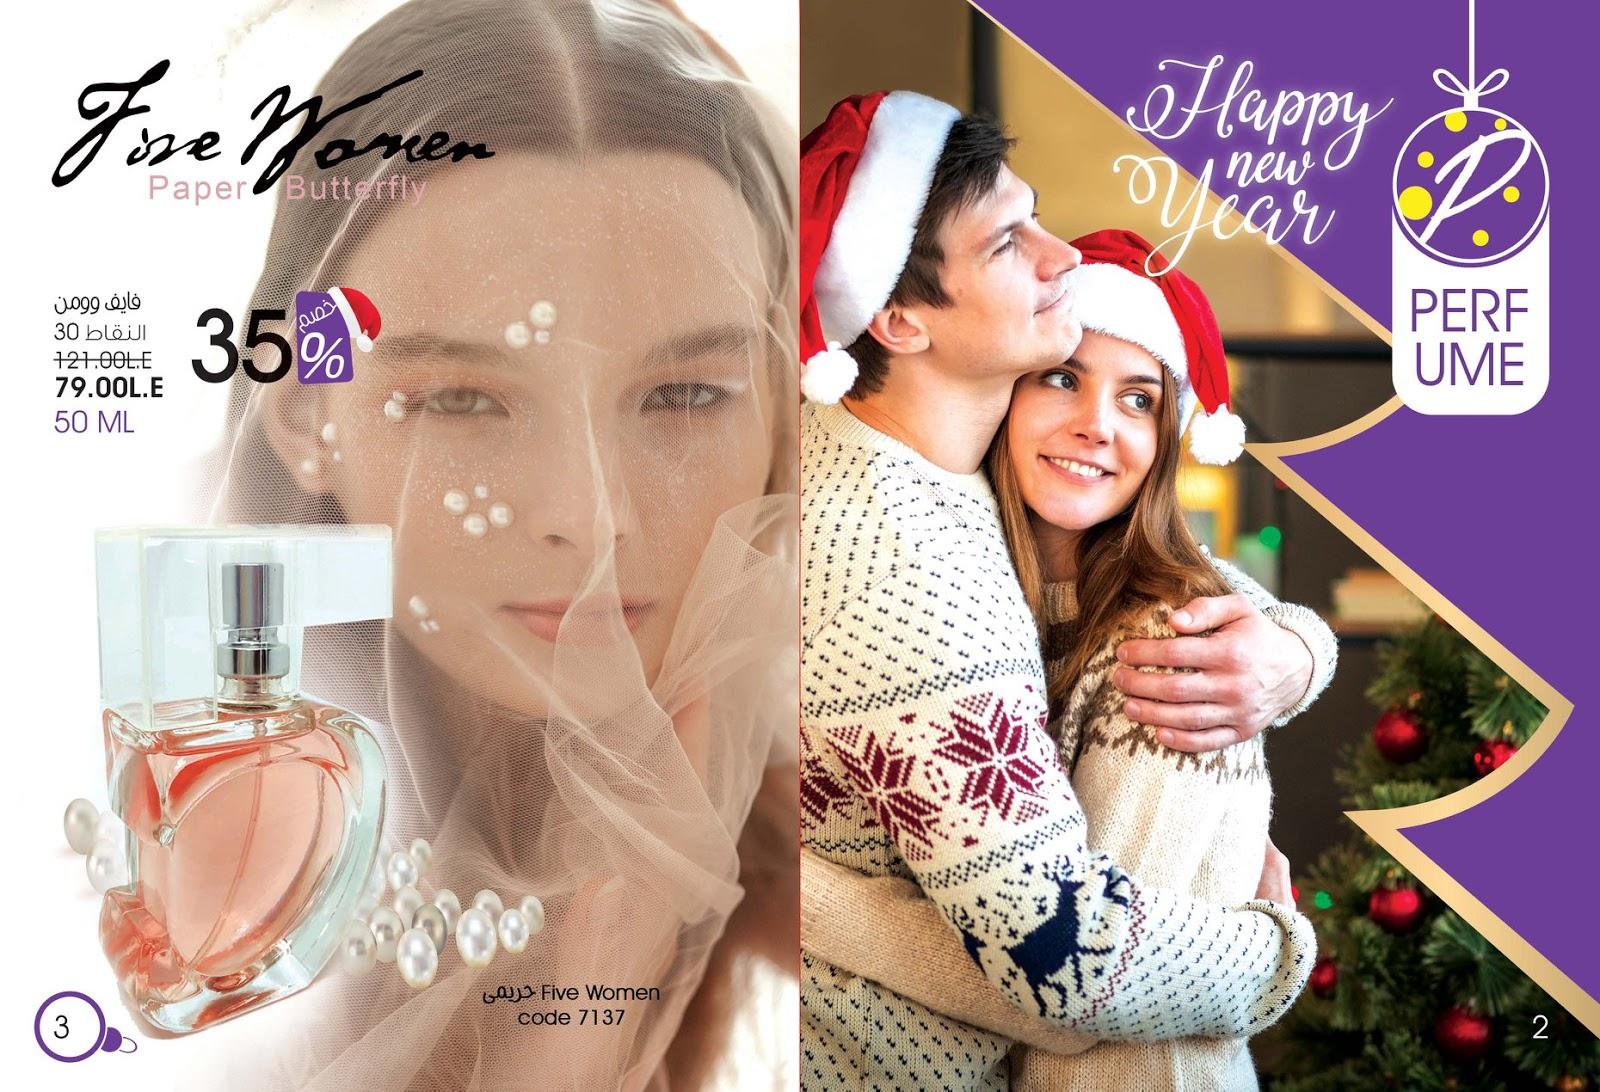 كتالوج اوبال الجديد يناير 2020 Opal كتالوج عام جديد سعيد